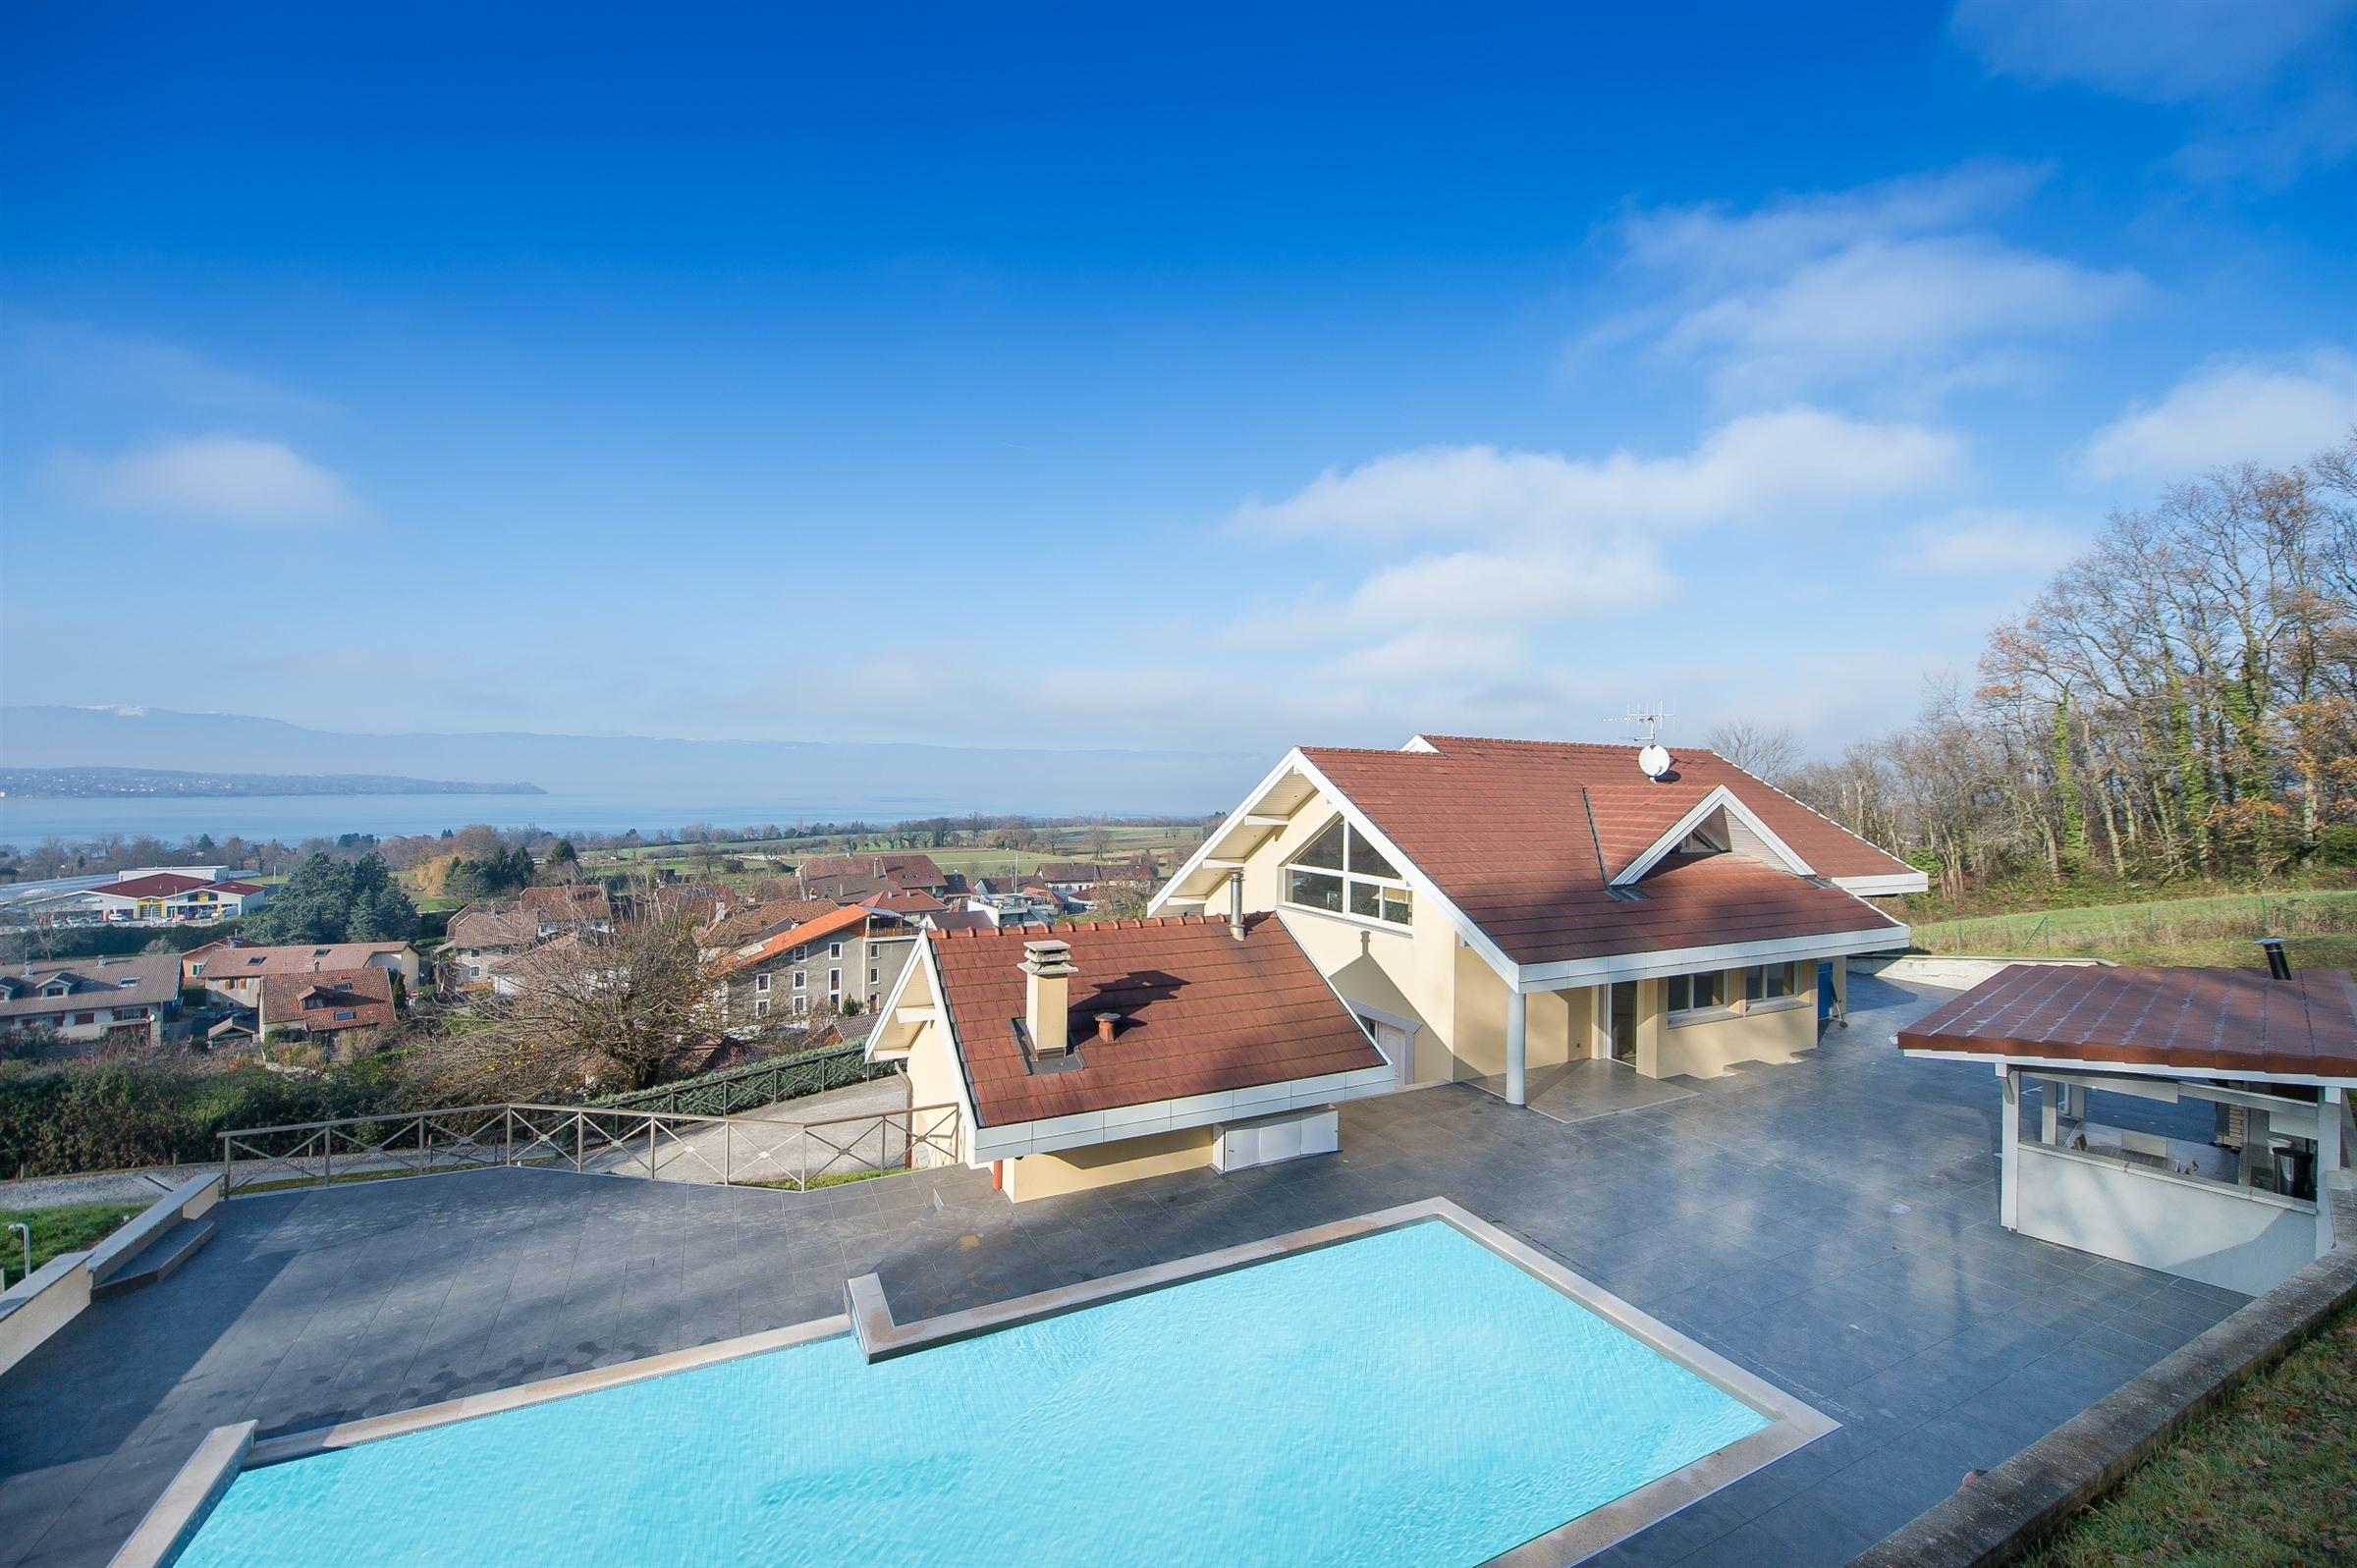 Single Family Home for Sale at Villa 220 m2 + Pavillon 60 m2 + Abri voiture Sciez, Rhone-Alpes, 74140 France